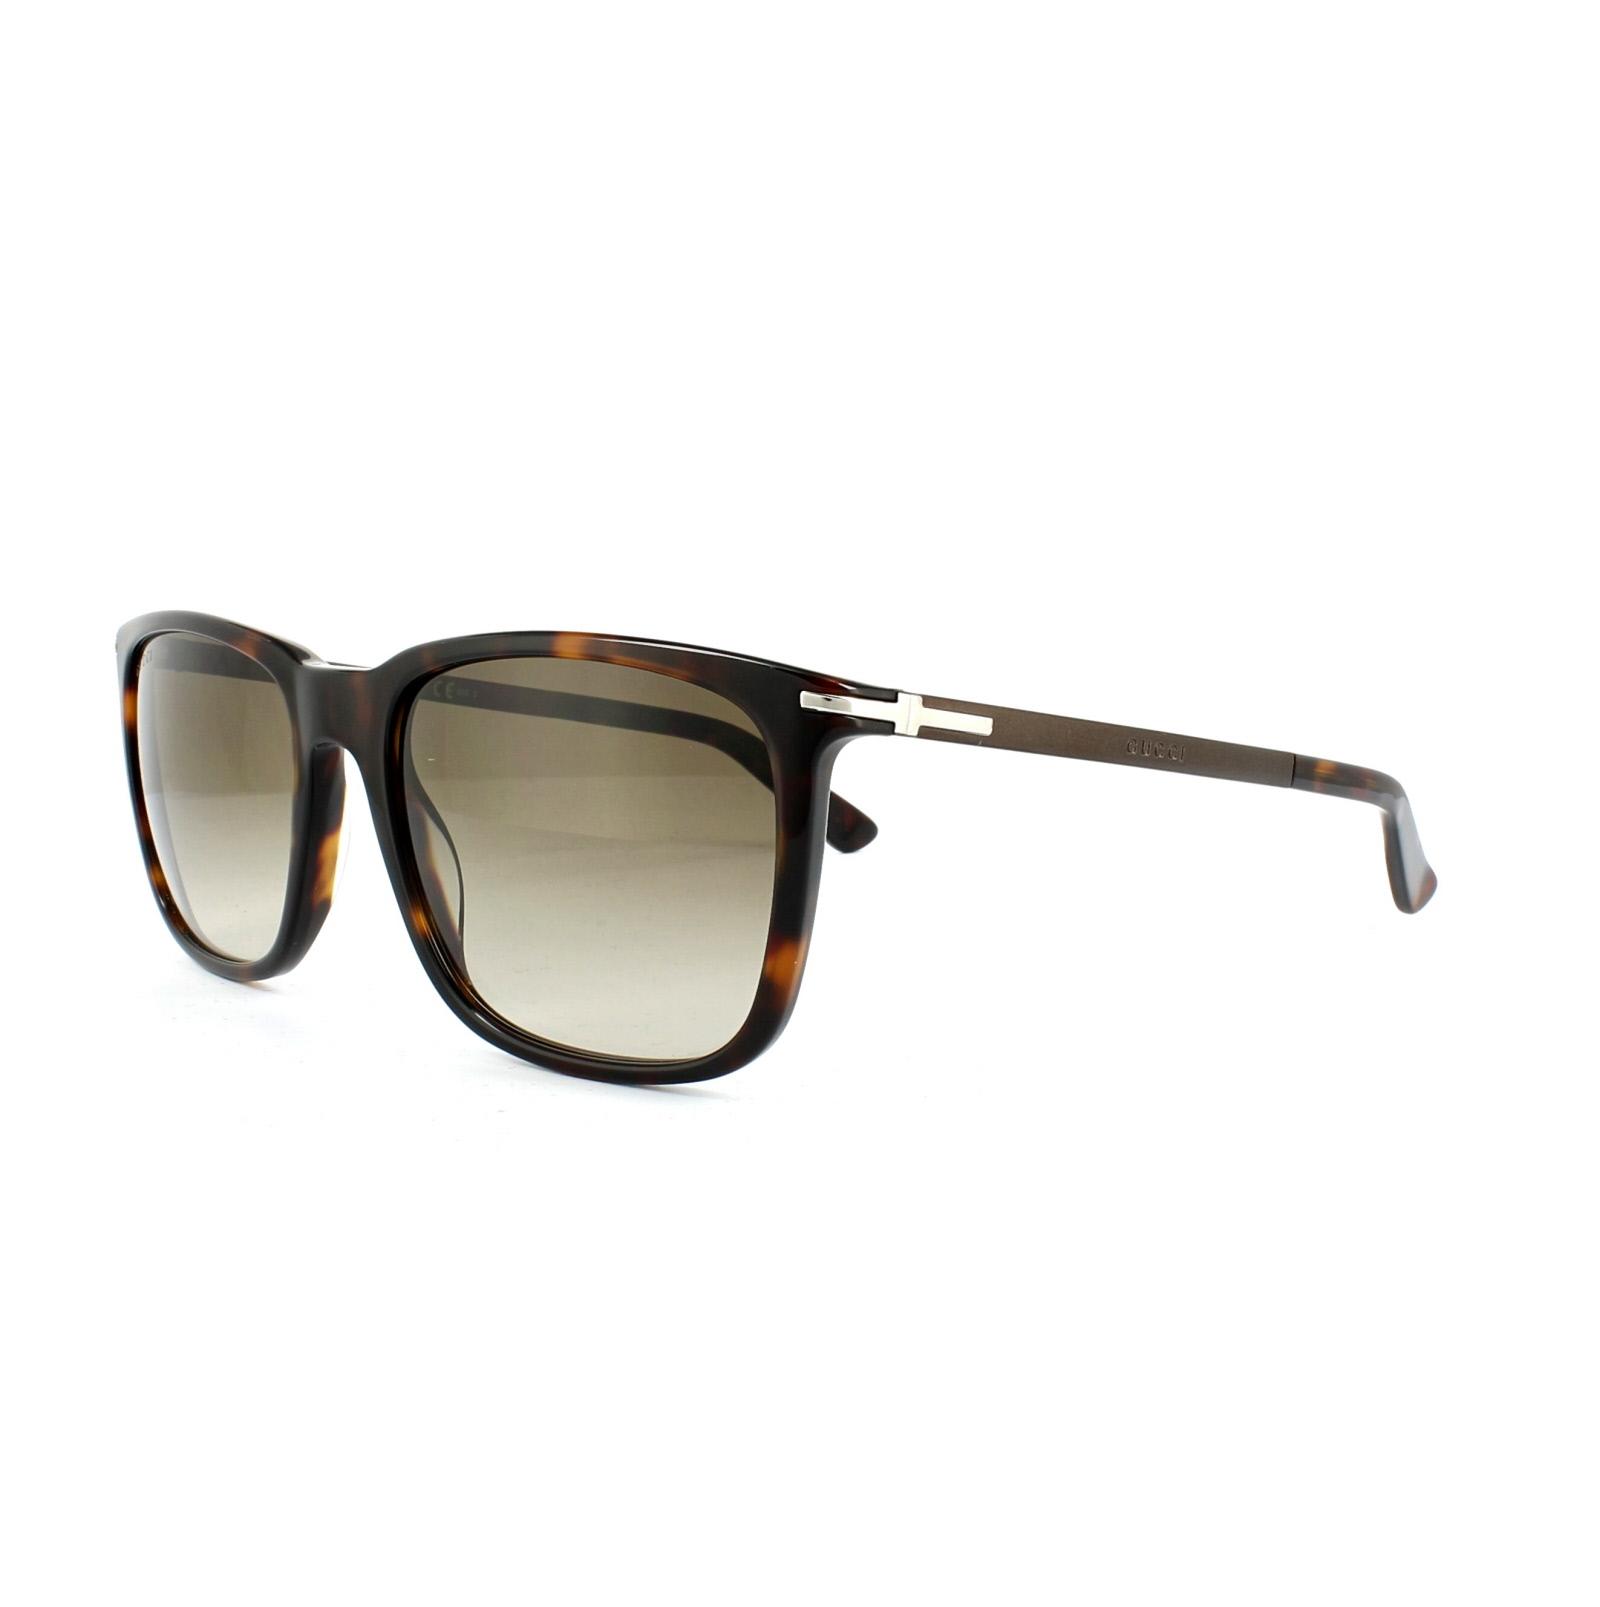 Gucci Gafas de sol 1104 gyx Cc Havana Oscuro Marron Degradado | eBay